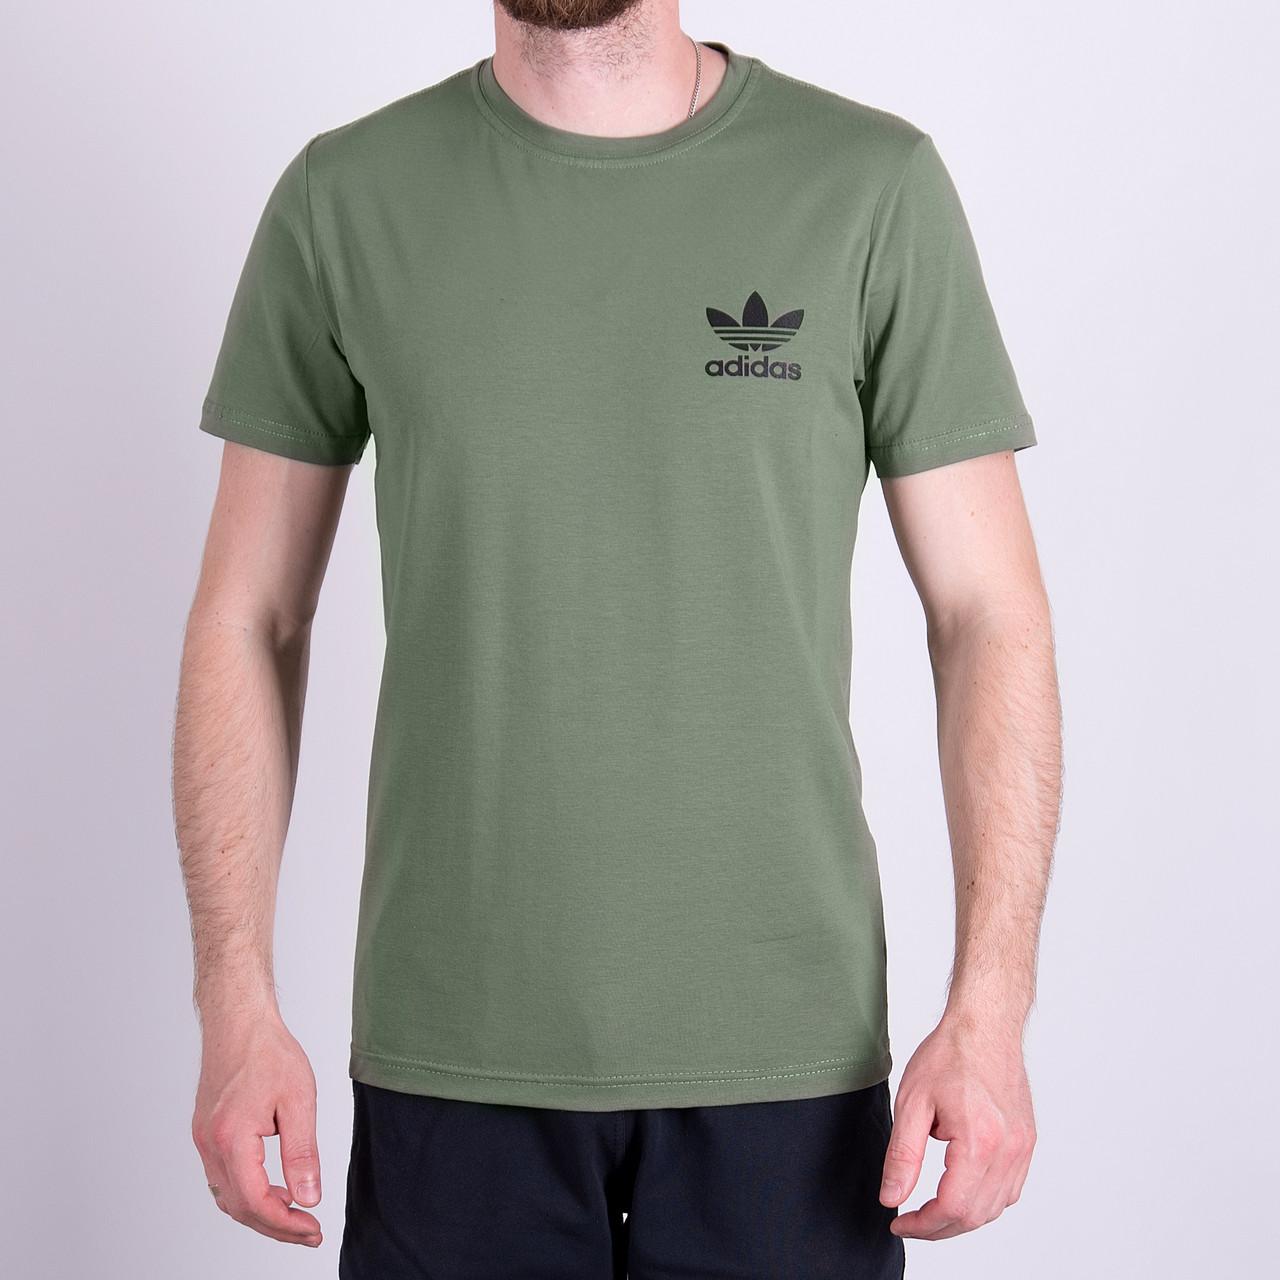 Чоловіча футболка Adidas, оливкового кольору